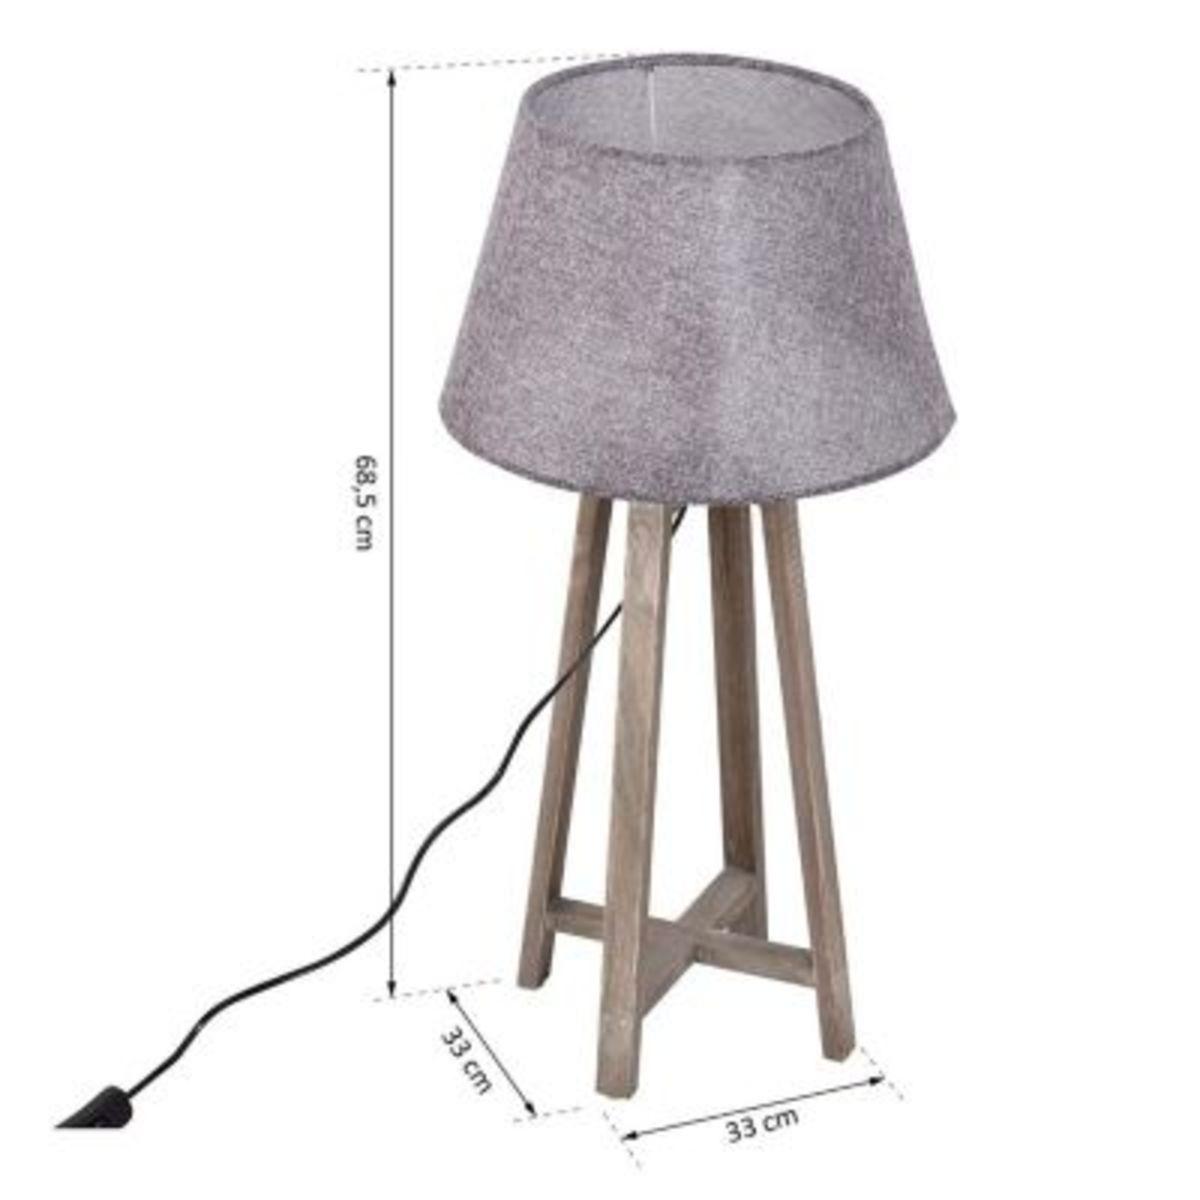 Bild 5 von Nachttischlampe